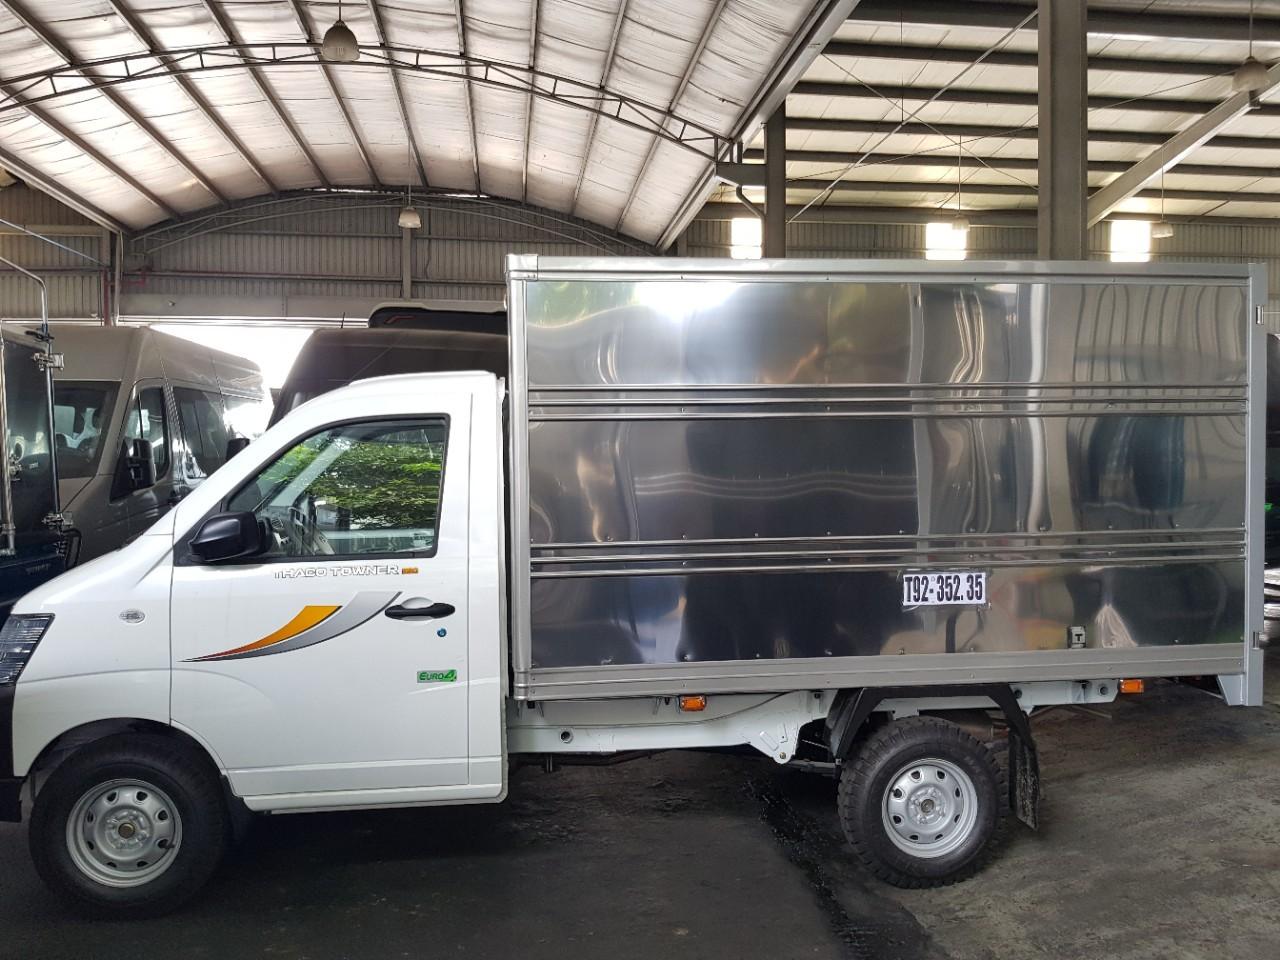 Xe tải động cơ Suzuki tải 500kg 600kg TRẢ GÓP 80%. xe tải towner 900kg 990kg Ảnh số 41945211